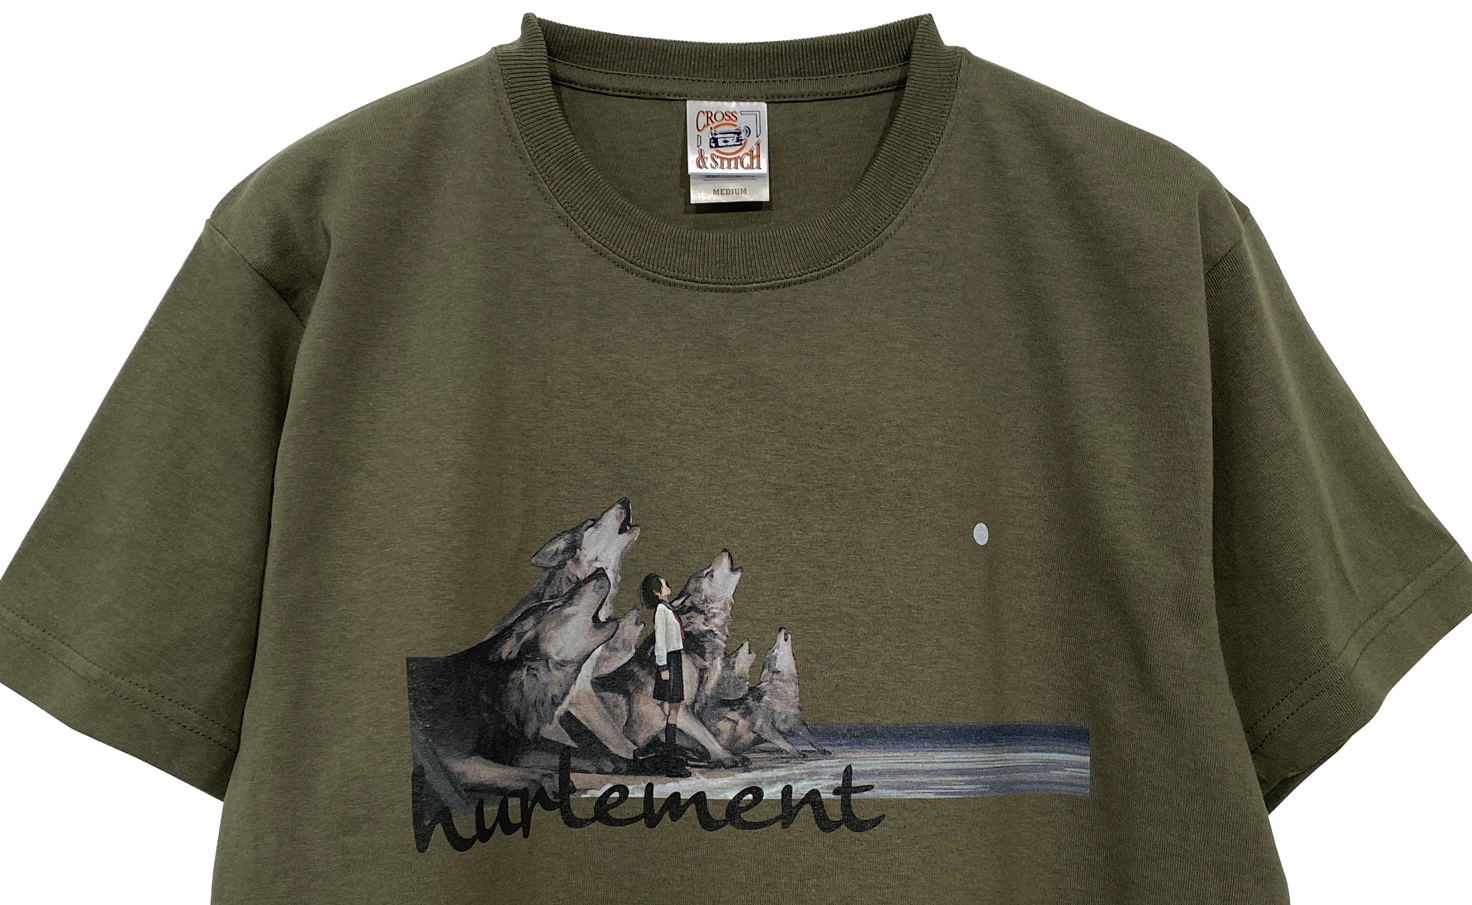 遠吠え Tシャツ (Khaki)